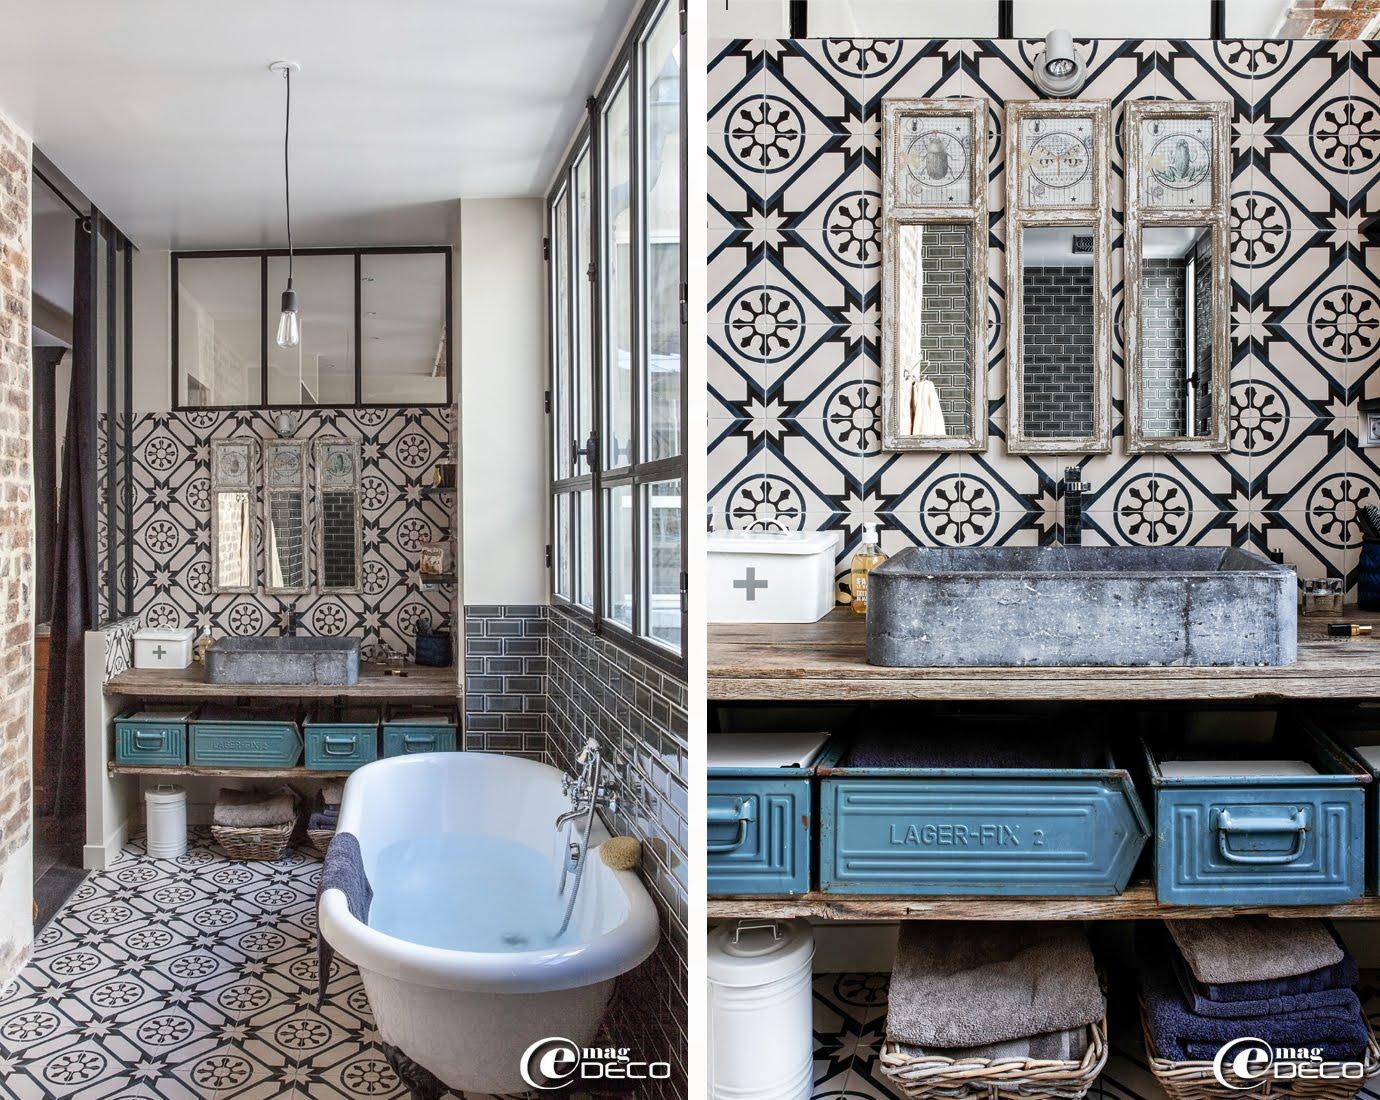 Un loft parisien lov autour d 39 une cour e magdeco for Verriere de salle de bain